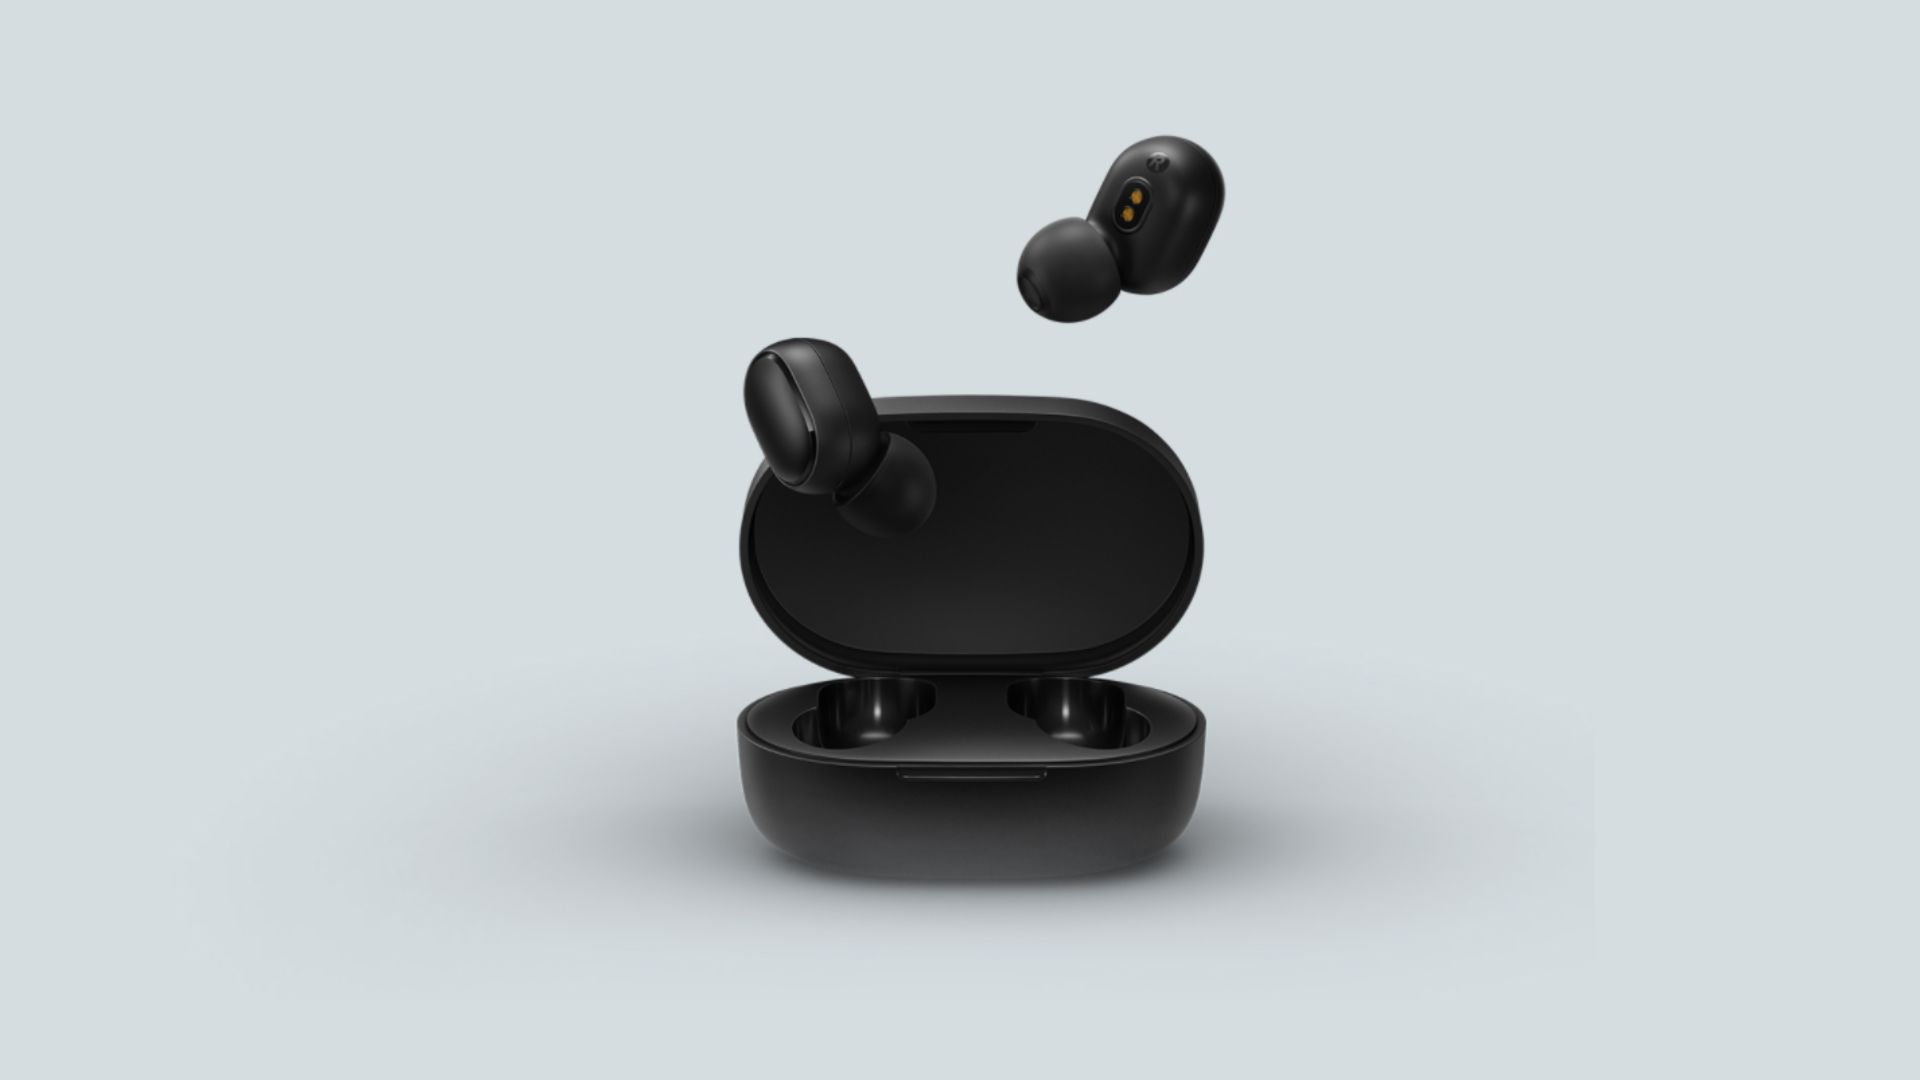 Redmi AirDots 2 ganhou reforço nos graves (Foto: Divulgação/Xiaomi)